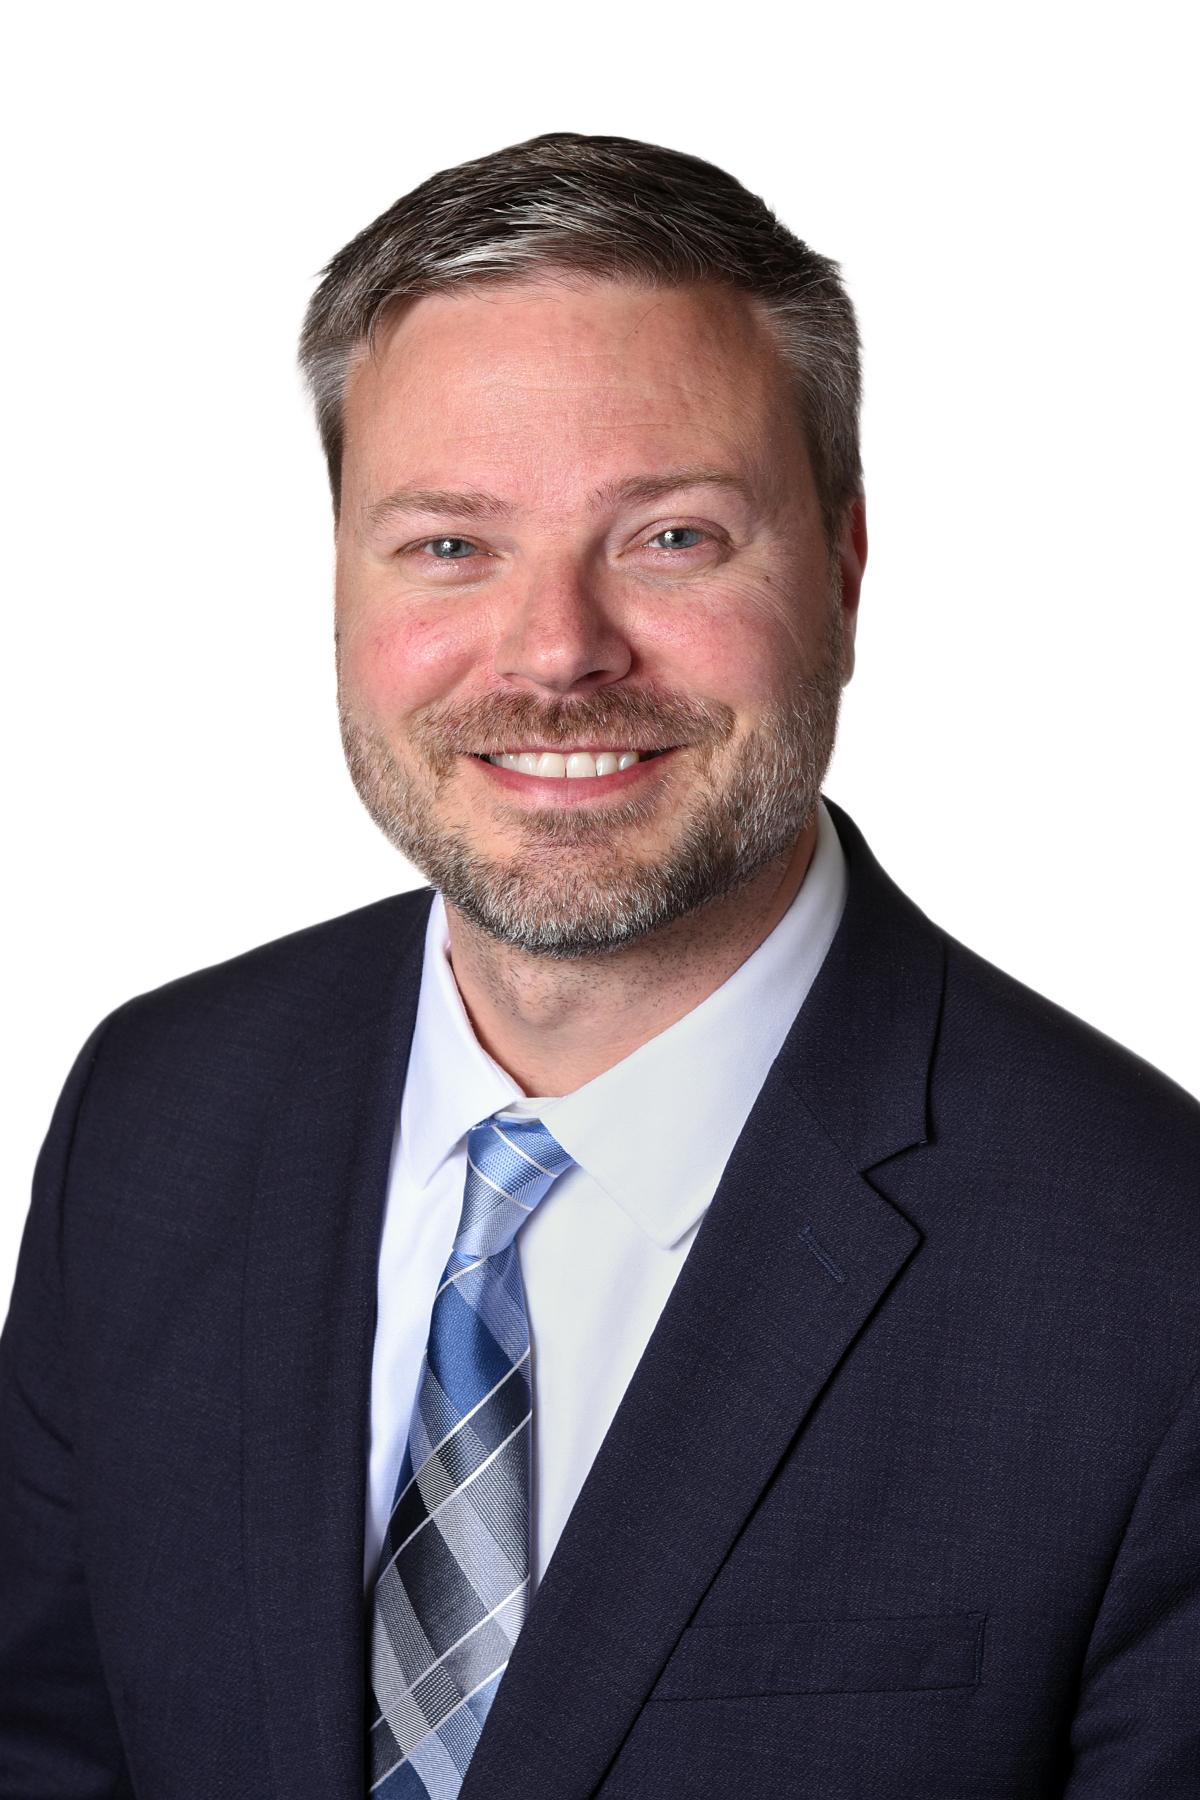 Jon Snyder